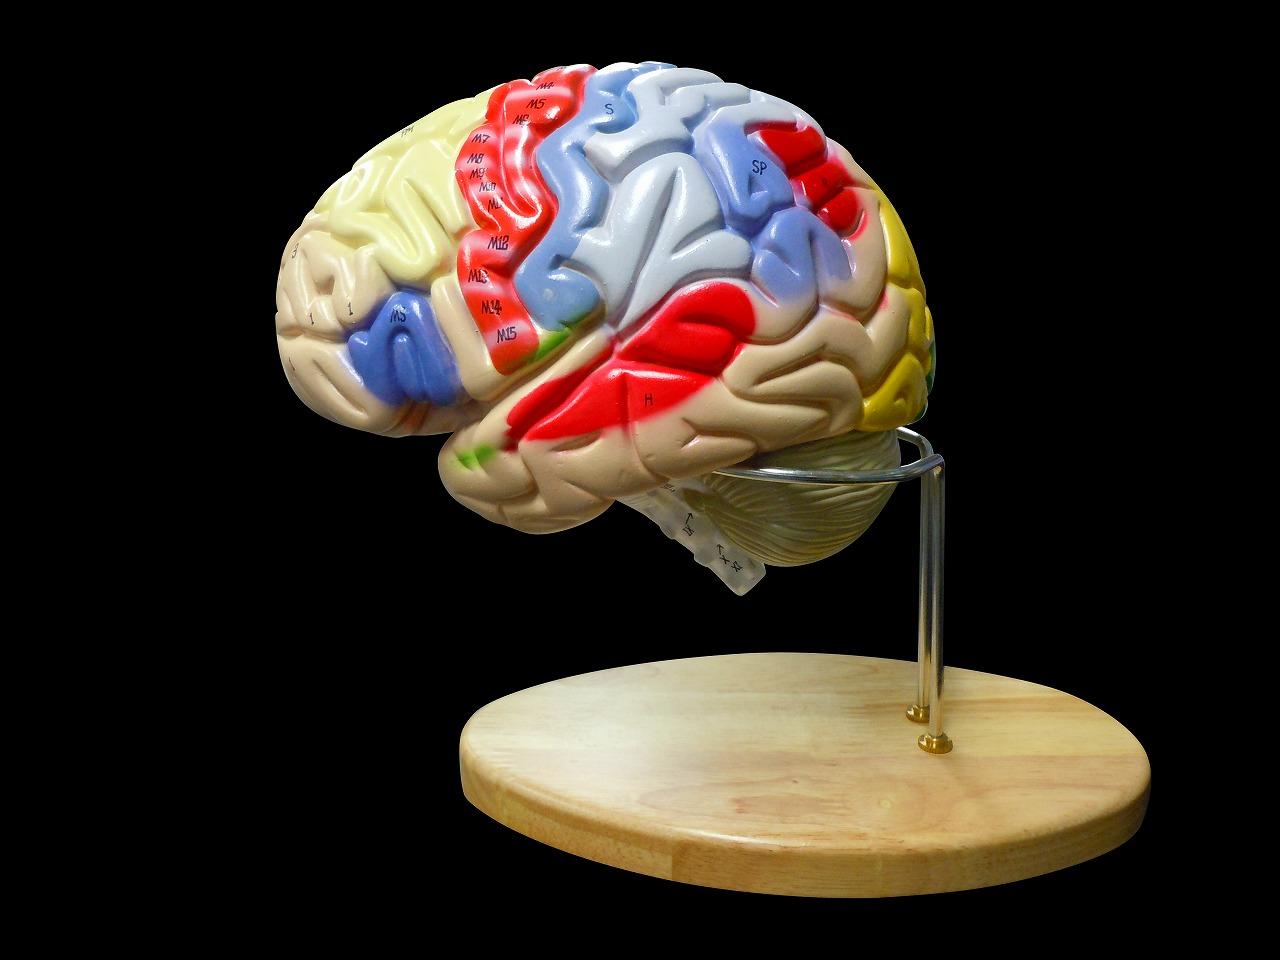 【送料無料】人体模型 脳 模型 脳解剖模型 取り外し可能 高性能 脳2倍拡大 領域解説模型 スタンド付き